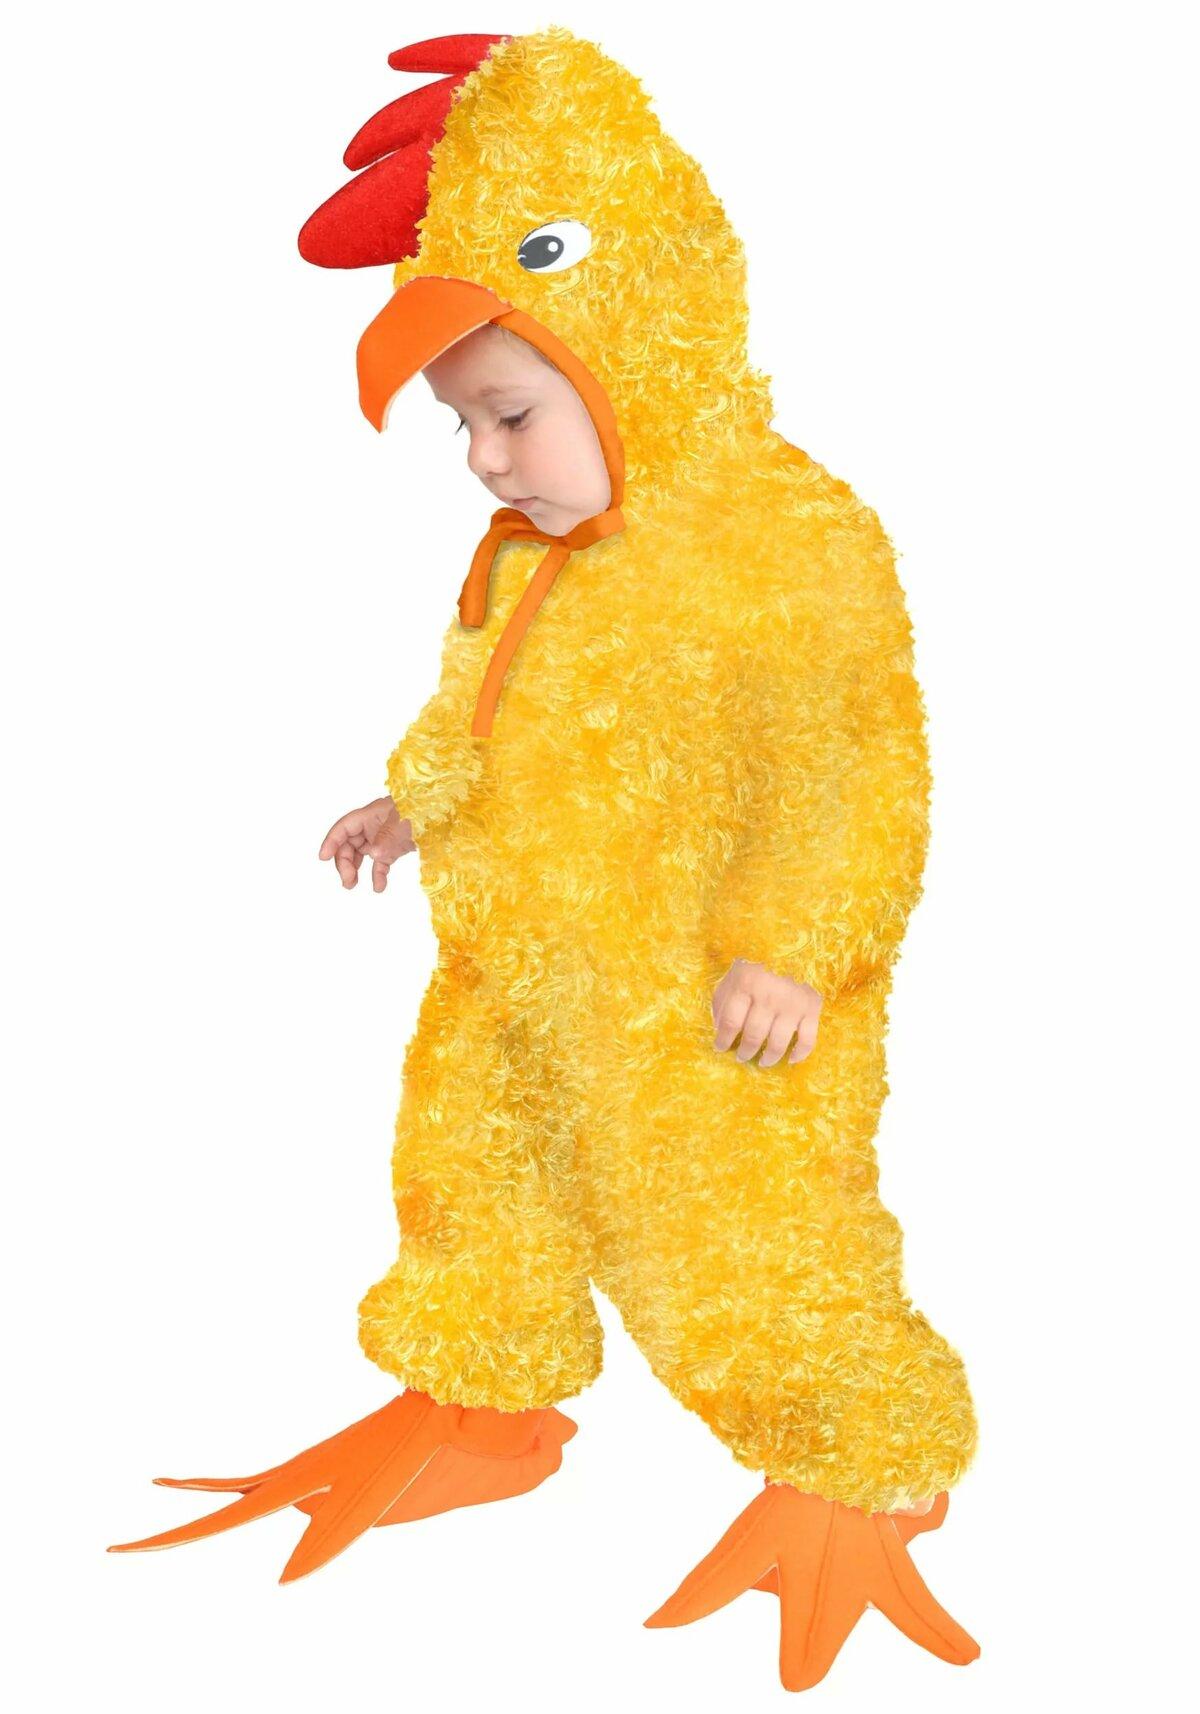 московской области костюм цыпленка своими руками быстро фото дело том, что